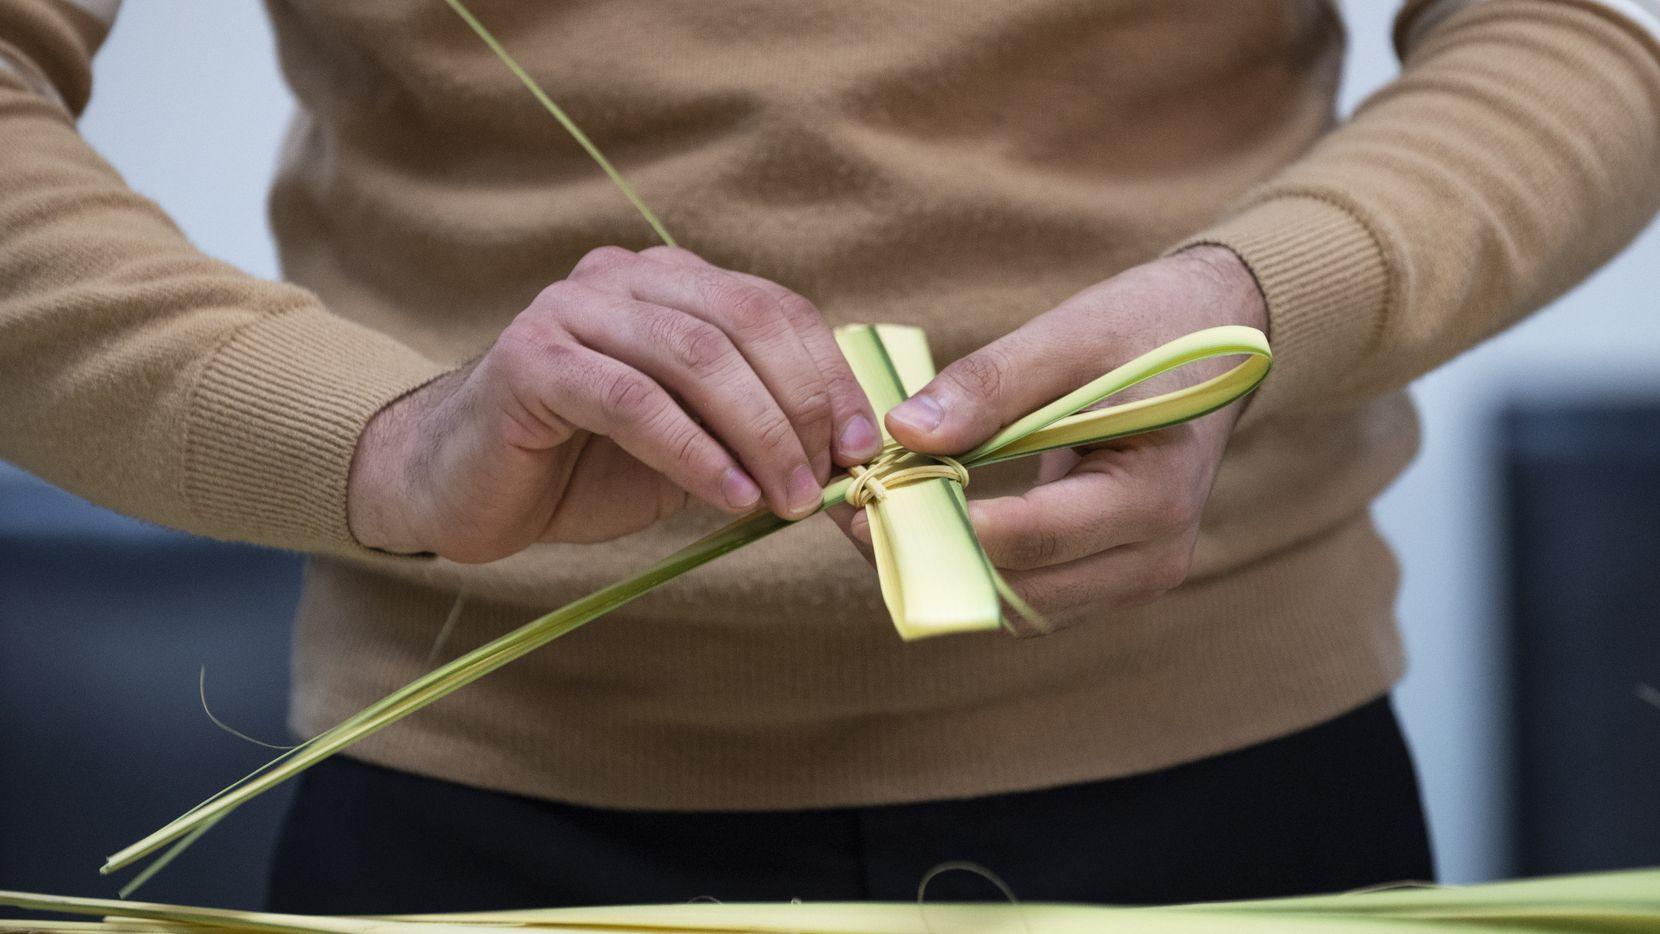 Junio García, voluntario de la iglesia San Juan Diego, fabrica una cruz con hoja de palma, como parte de un ritual previo al Domingo de Ramos, que marca el inicio de la Semana Santa en la fe católica.